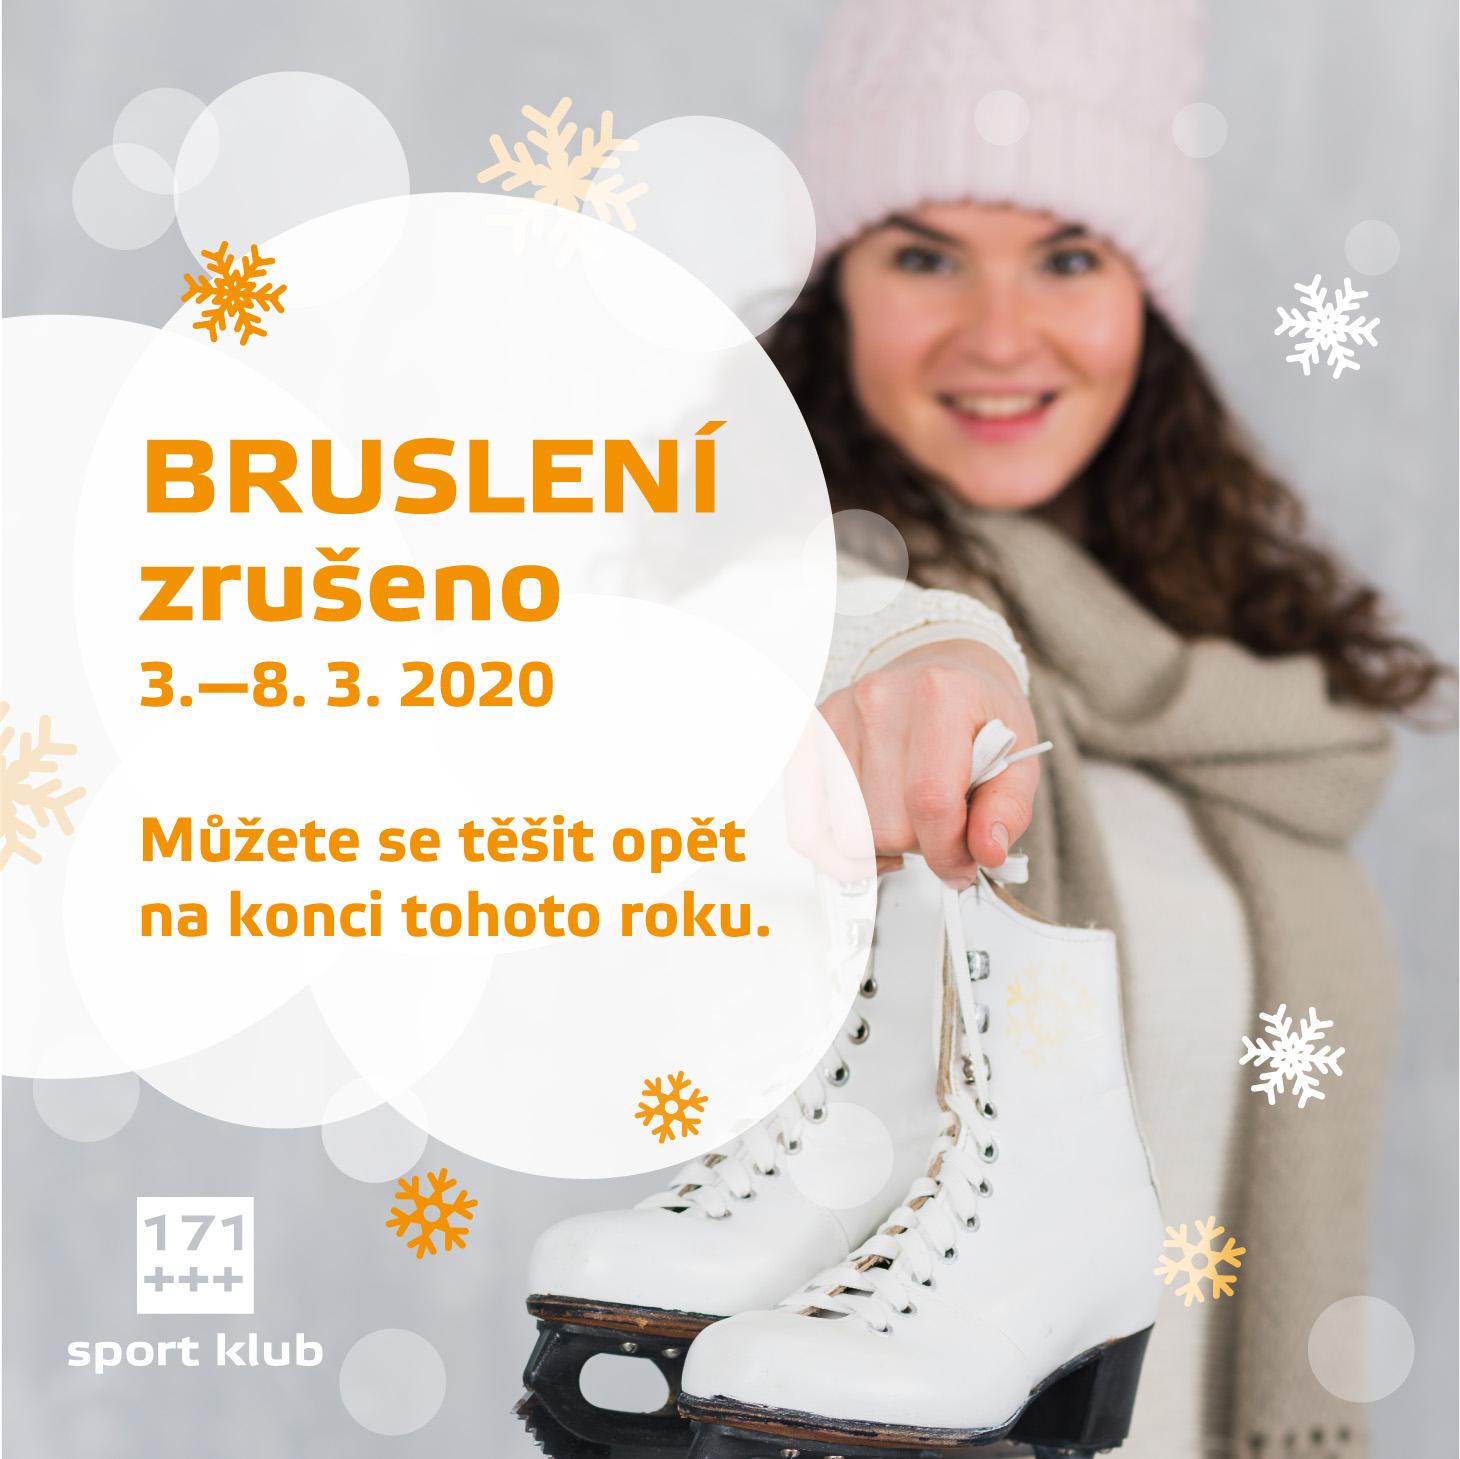 brusleni-04_web